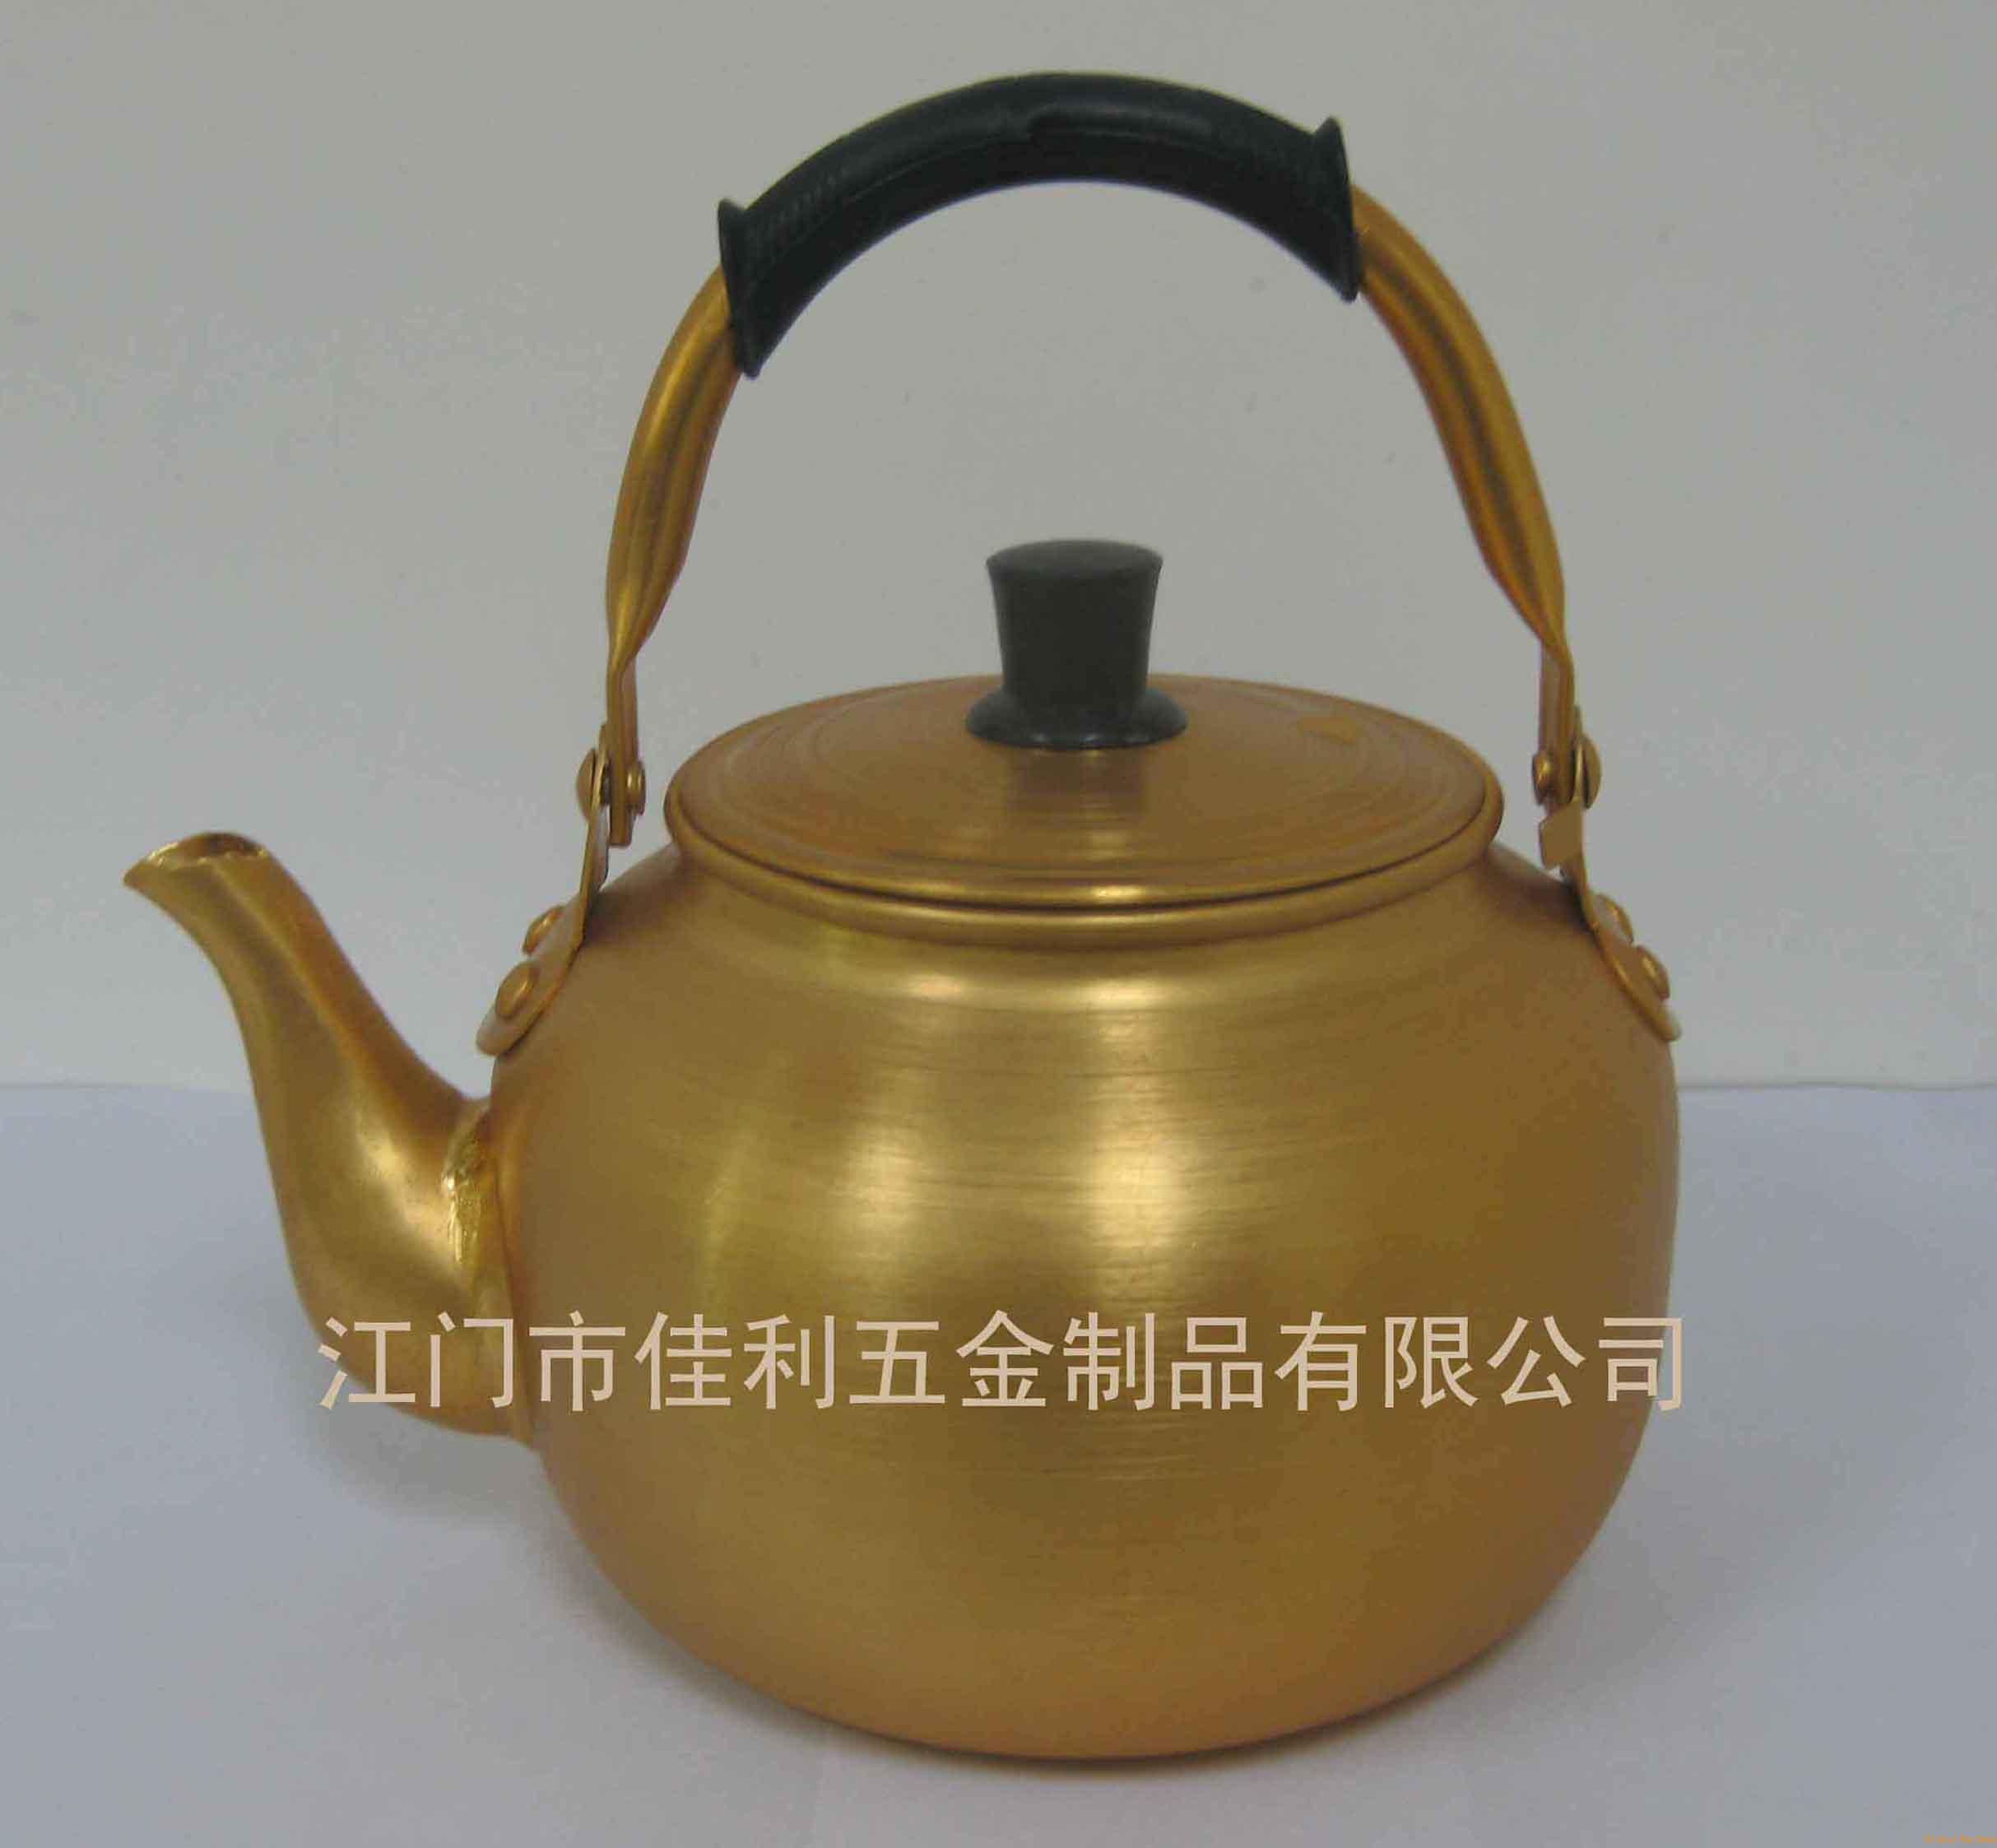 金黄色铝水壶,抛光铝水壶,铜水壶